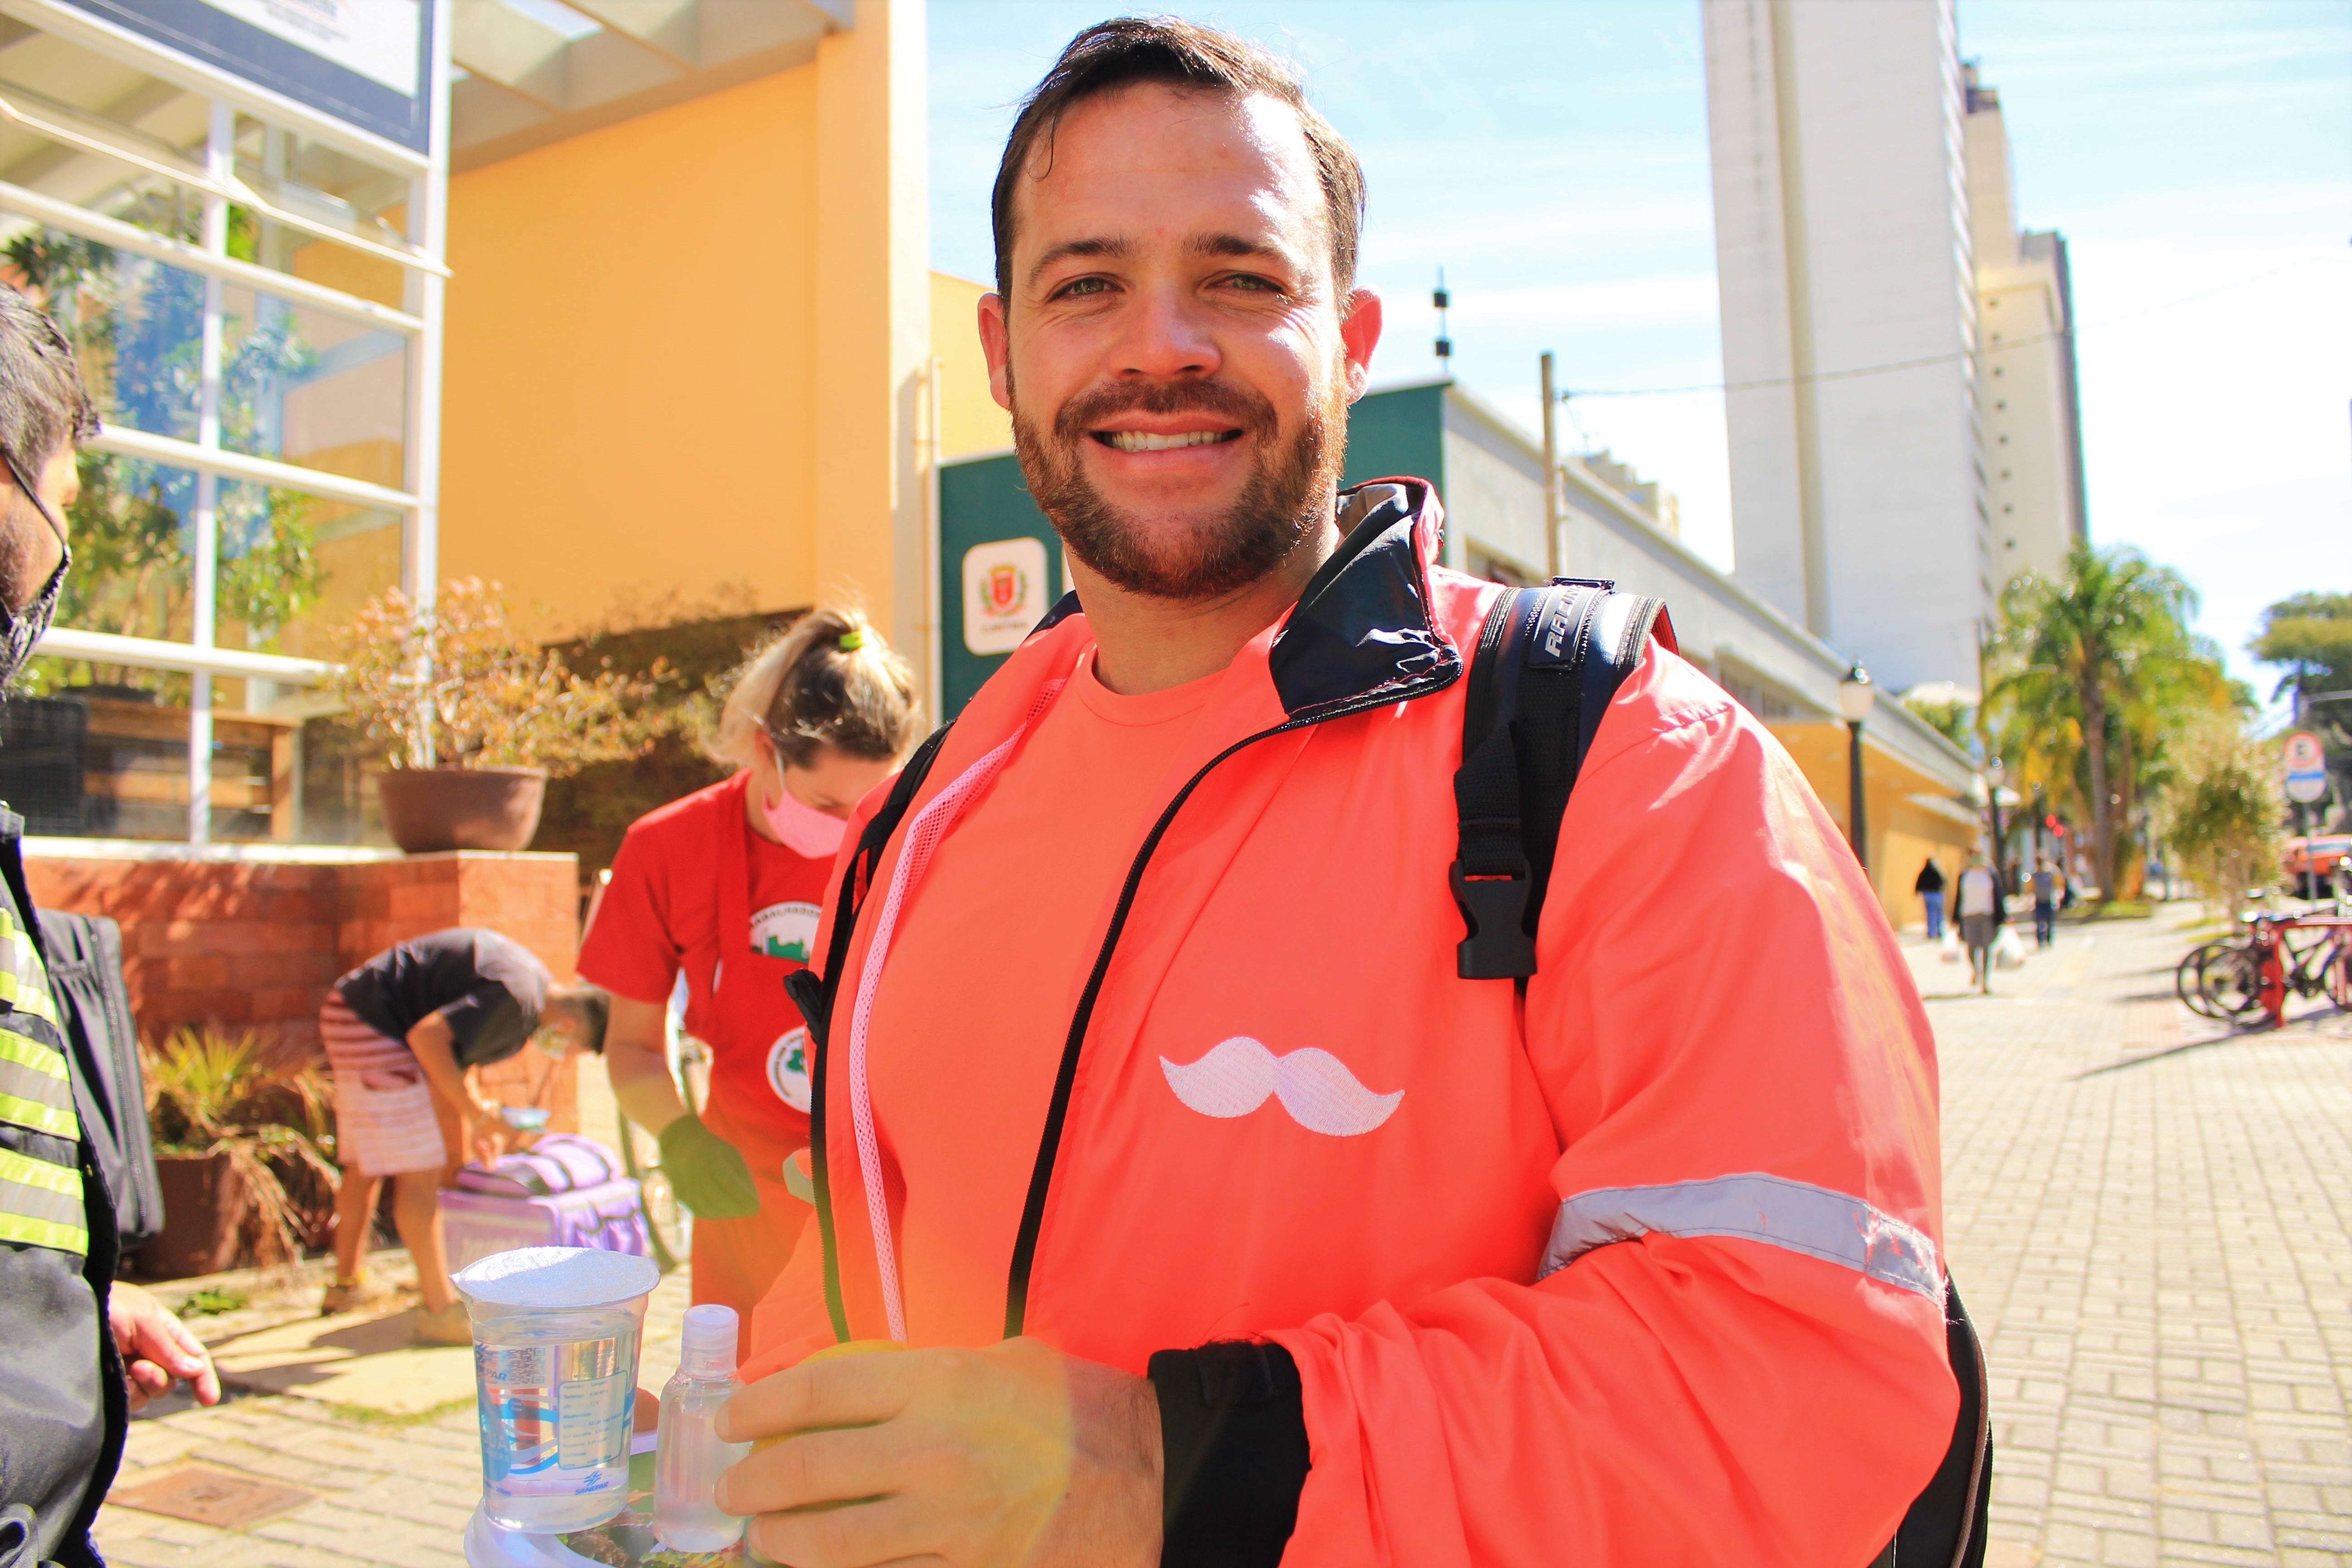 O professor de educação física e atual trabalhador de aplicativos, Daniel Vilanova, recebeu uma das marmitas. Foto: Lizely Borges